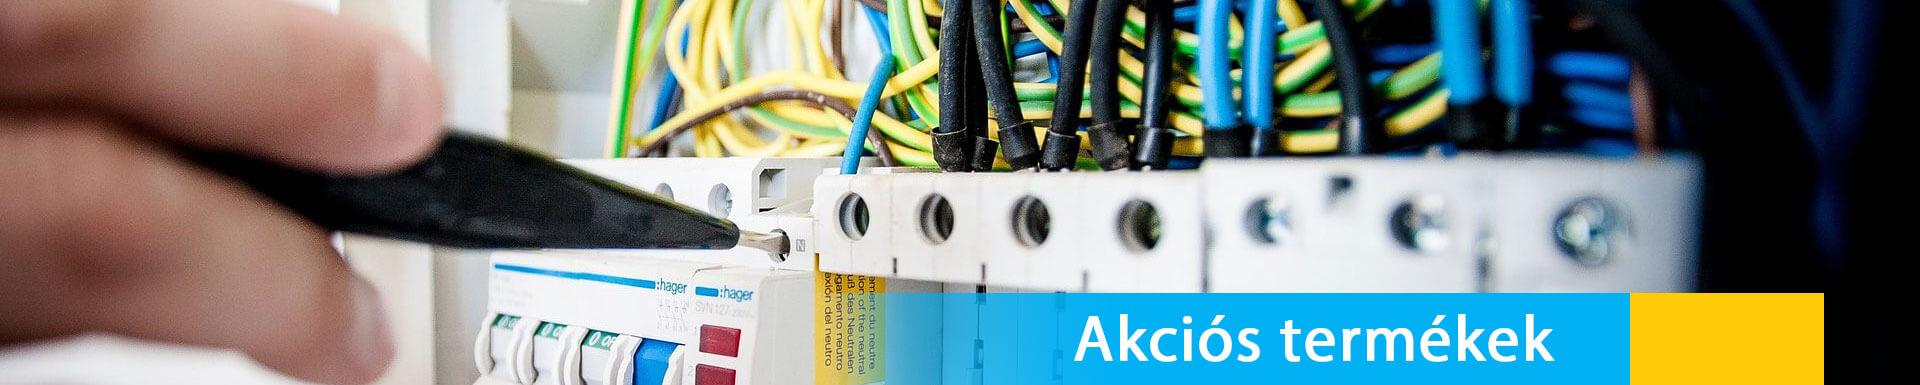 Dinavill Kft - Akciós villanyszerelési anyagok